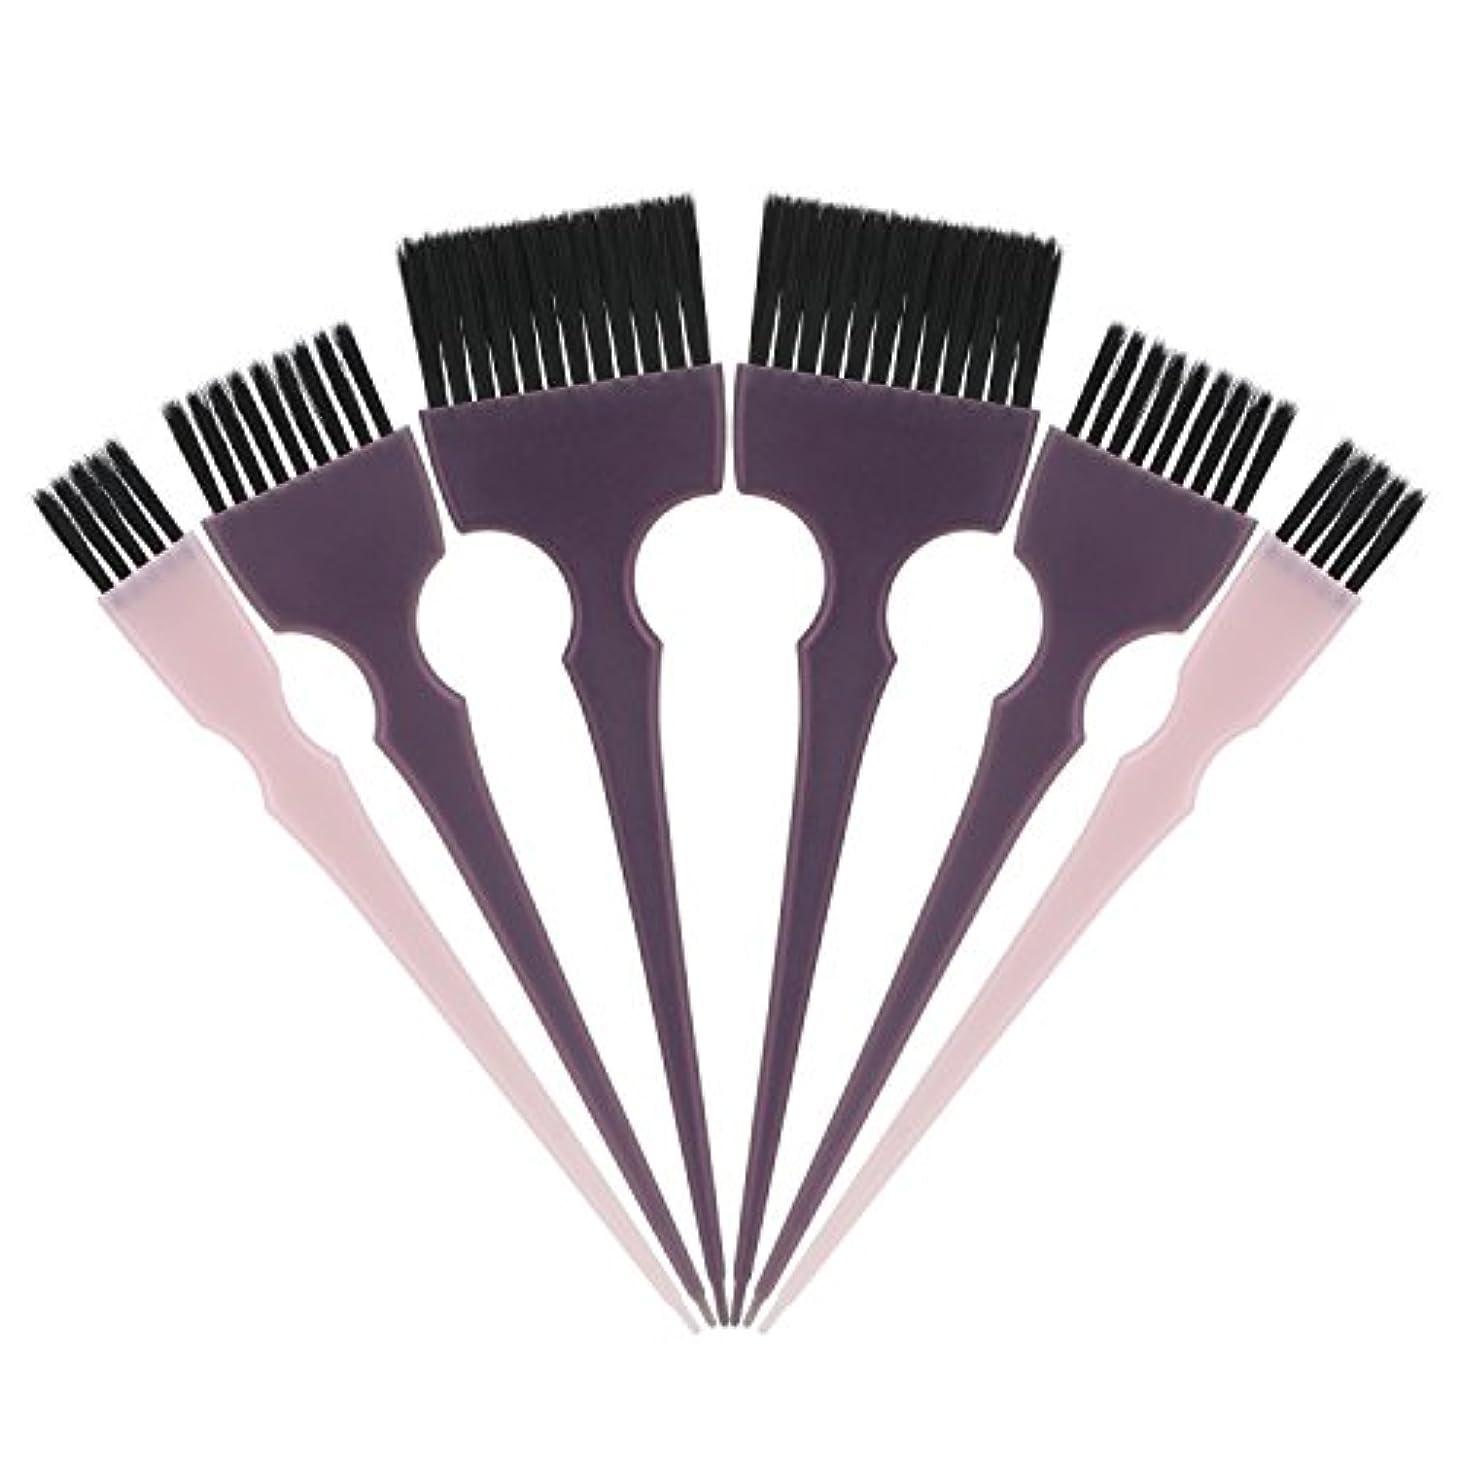 一般化する軍団不愉快にSegbeauty 髪染めのブラシ 六本のセット サロンの美髪用 プロのヘアカラーリング用